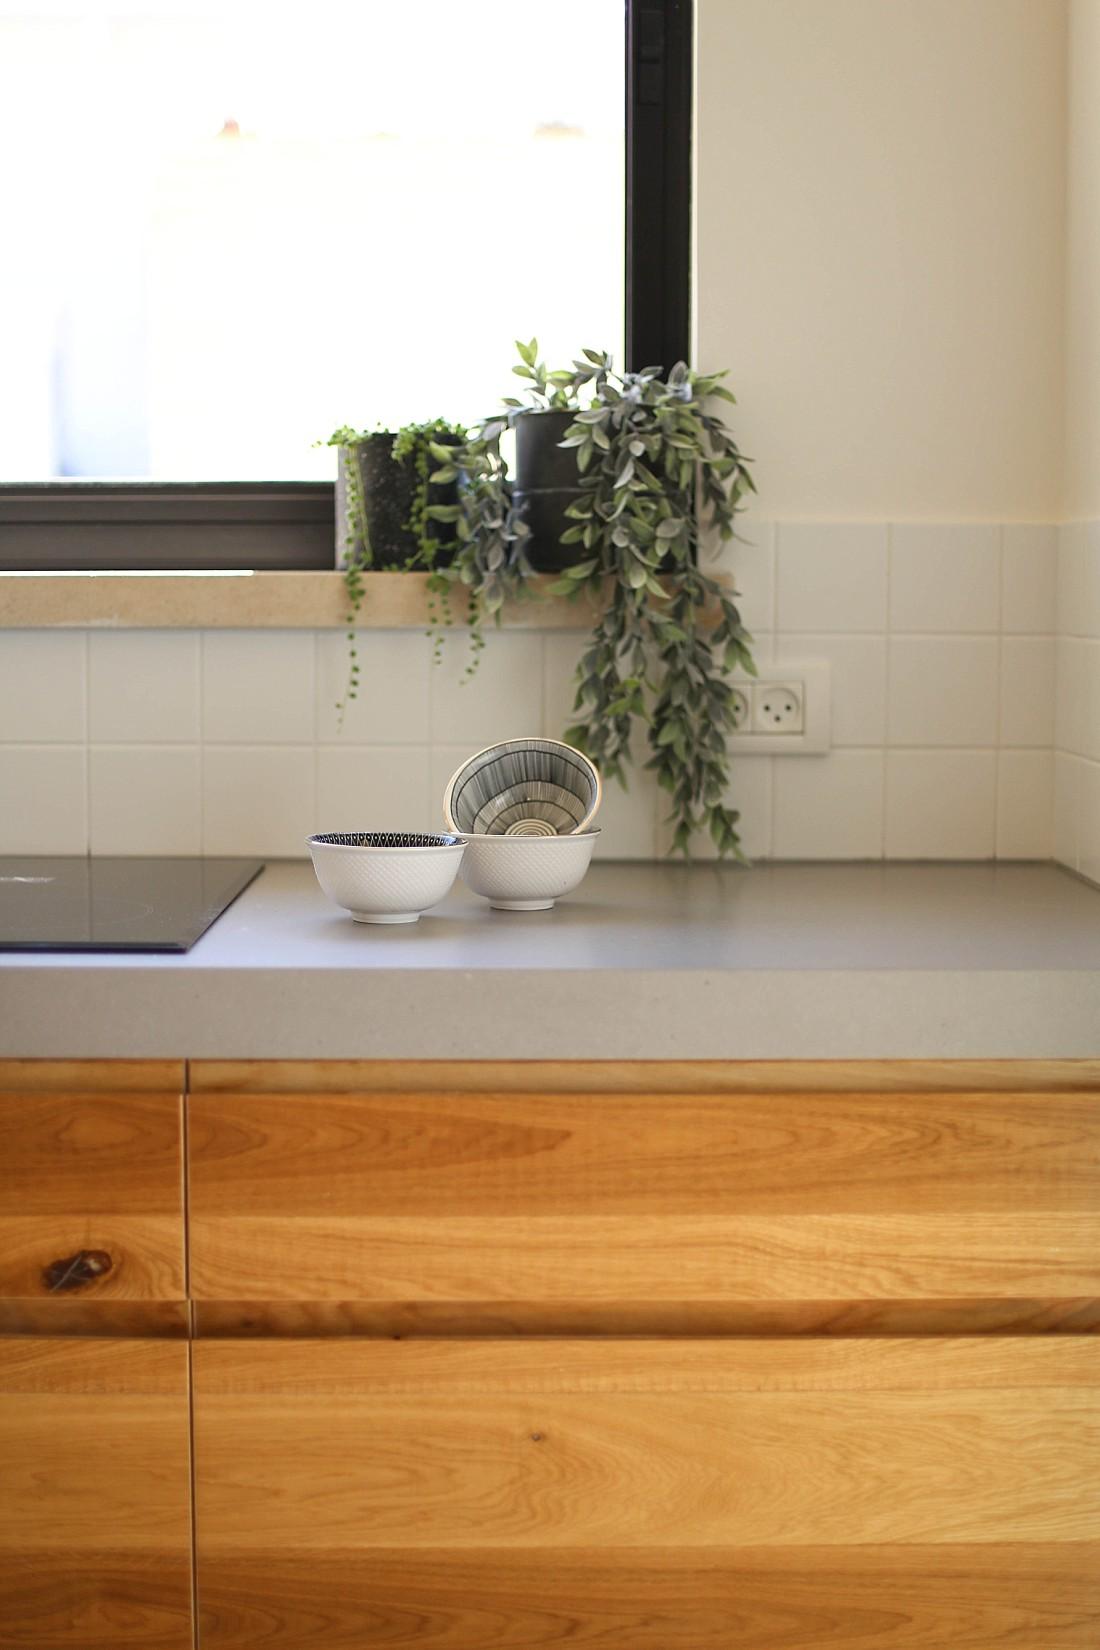 """מטבח מעץ אלון תלת שכבתי-ידיות אינטגרליות ושיש מבטון בגובה 6 ס""""מ"""